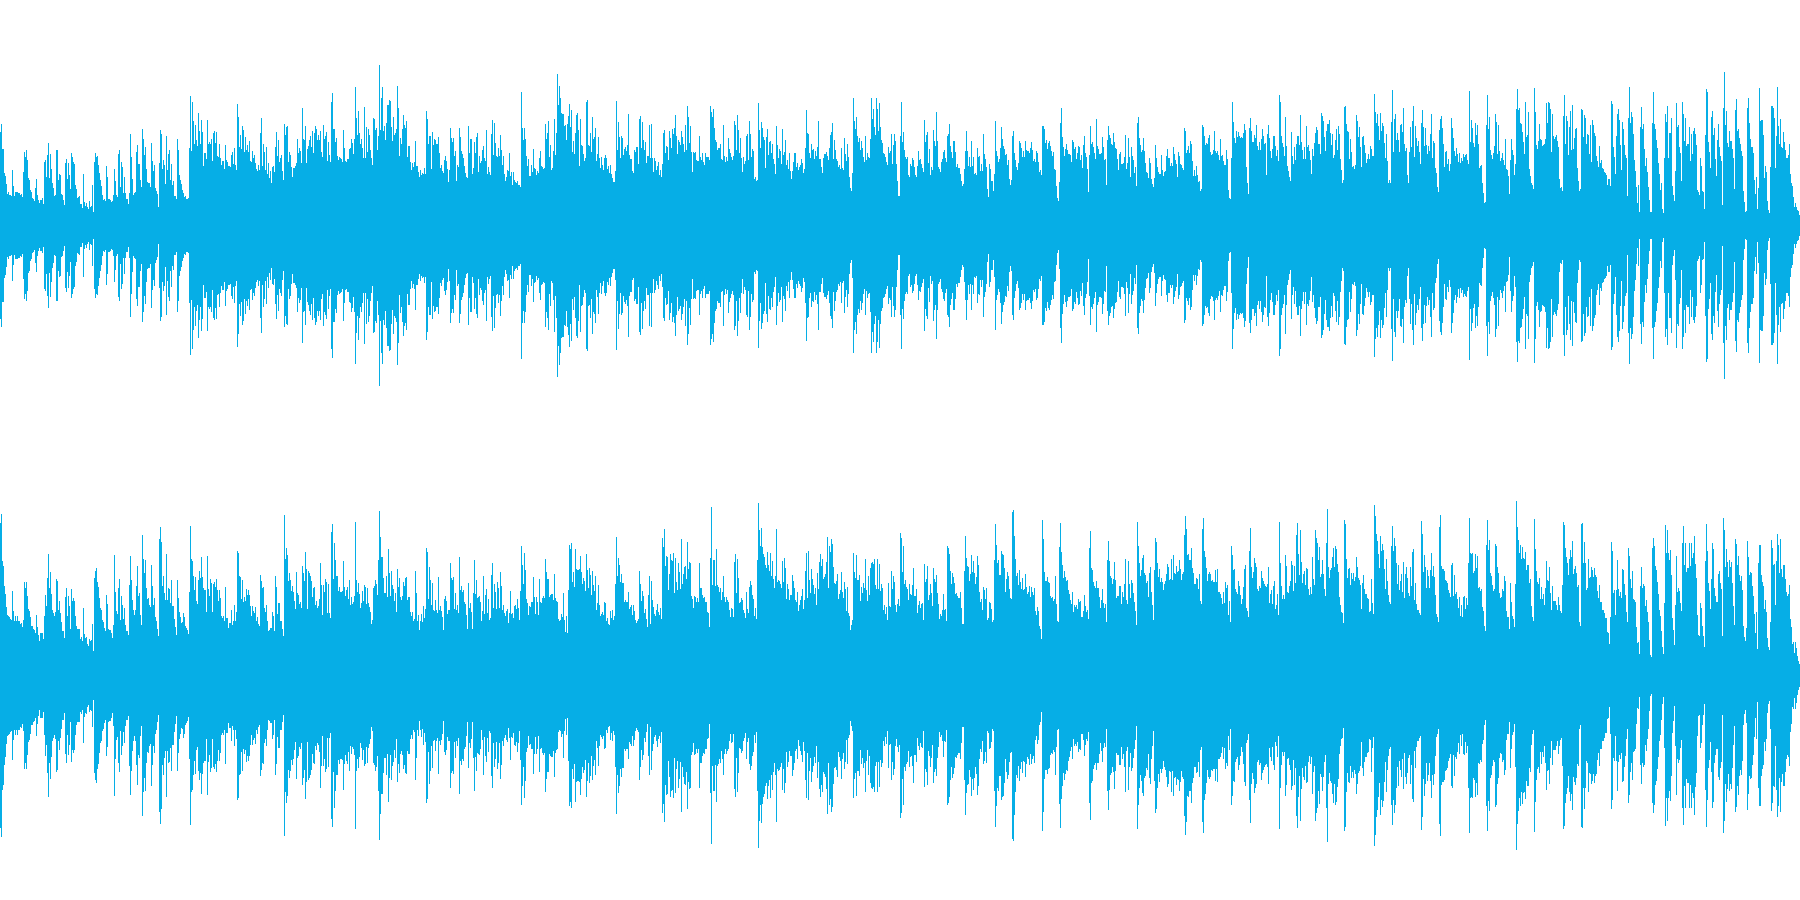 ゲーム、アクション・空面(Loop対応)の再生済みの波形